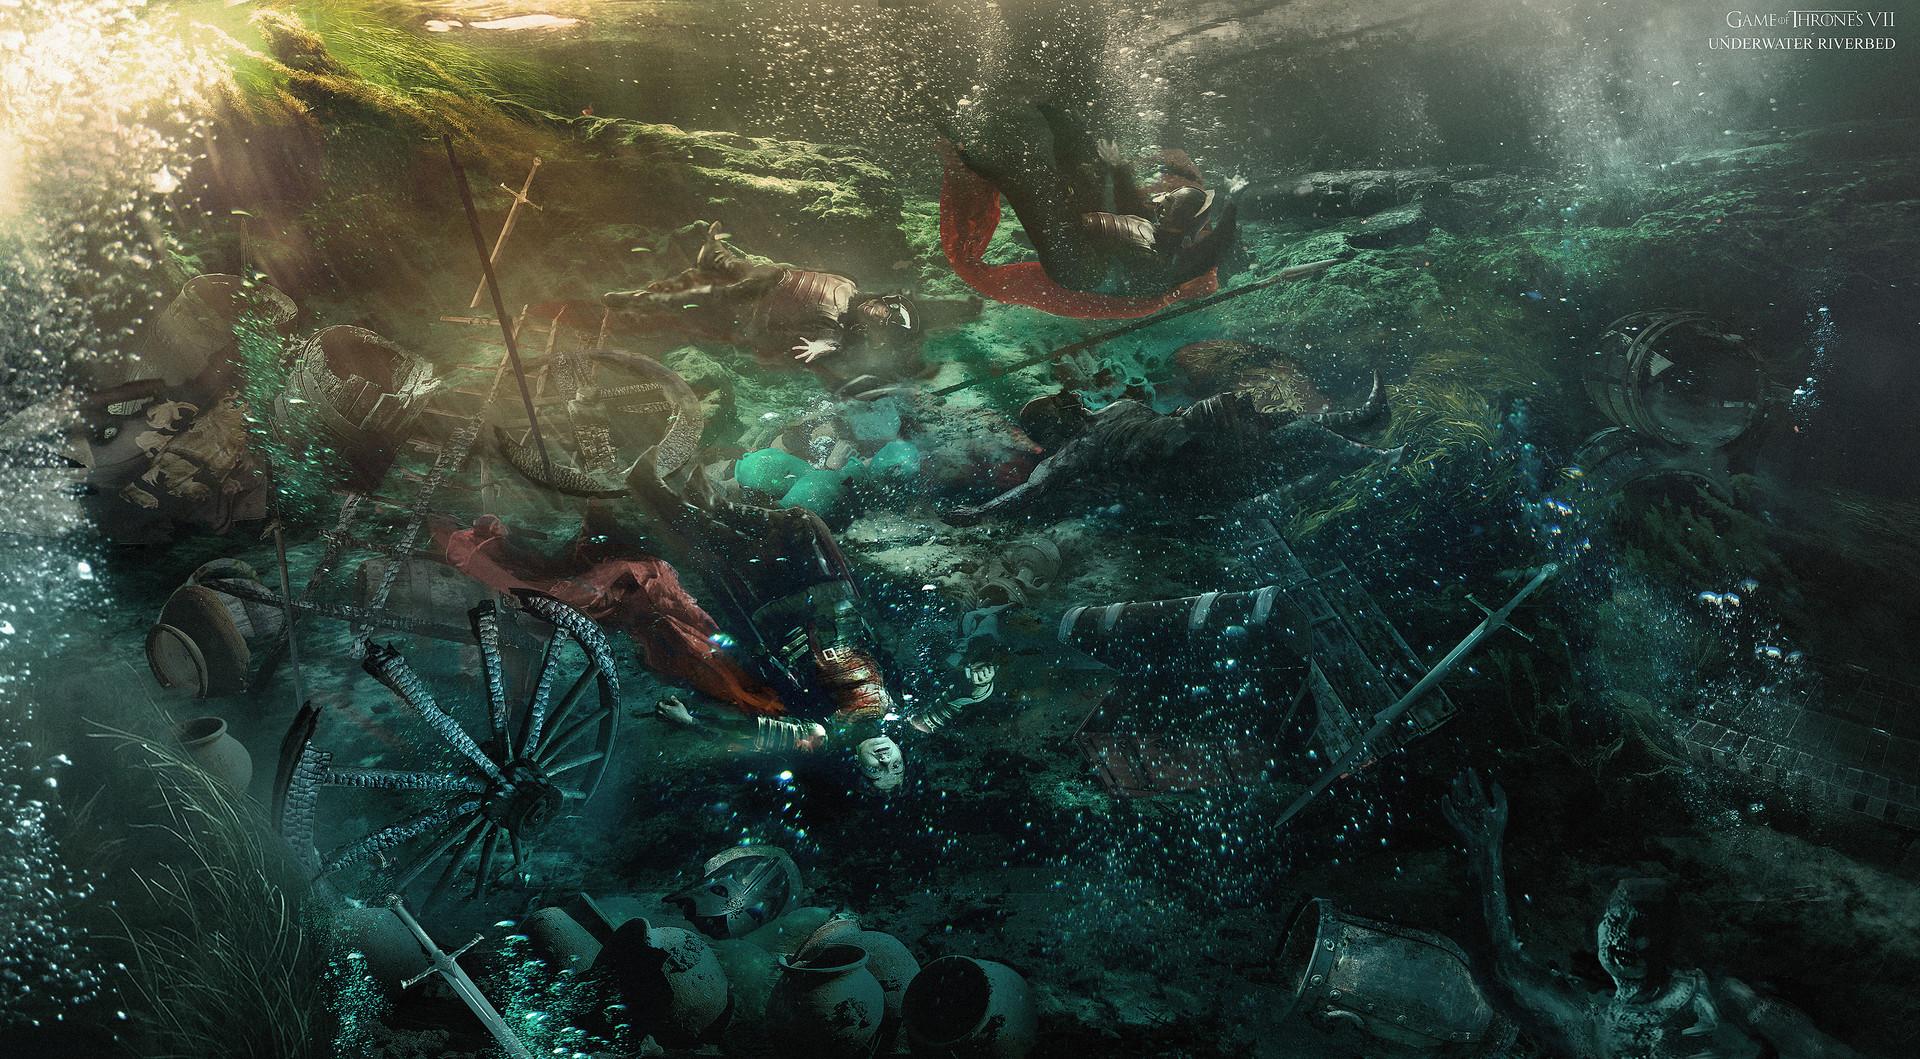 Kieran belshaw riverbed underwater v005a